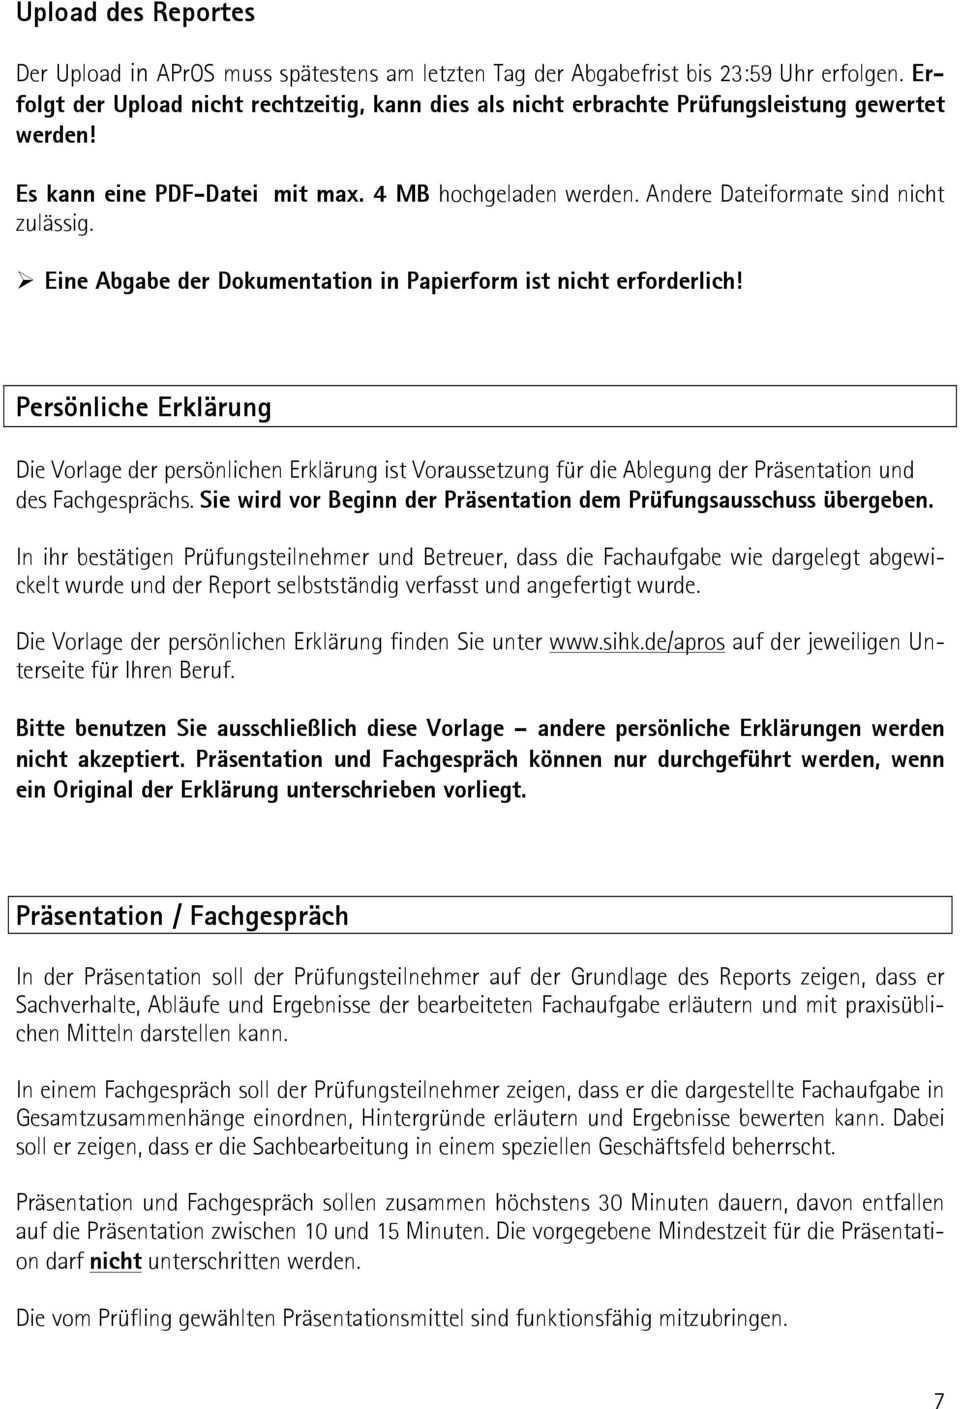 Abschlussprufung Industriekaufmann Frau Prufungsfach Einsatzgebiet Pdf Free Download